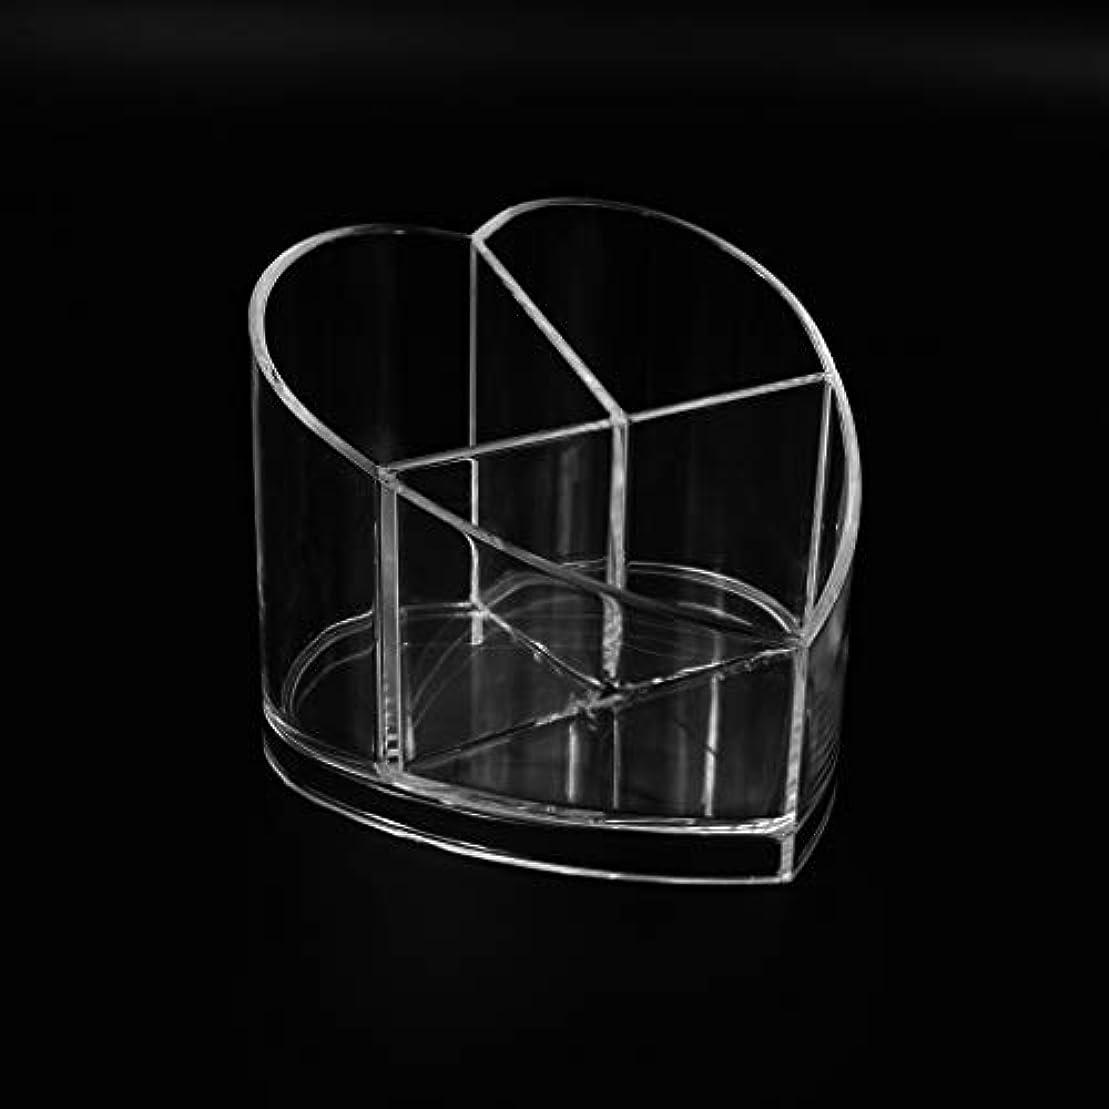 滴下維持分子RiLiKu 卓上収納ケース アクリル メイクブラシホルダー コスメ収納 透明 卓上ペン立て 文房 具 口紅 化粧ブラシ ネイルカラー 収納ケース